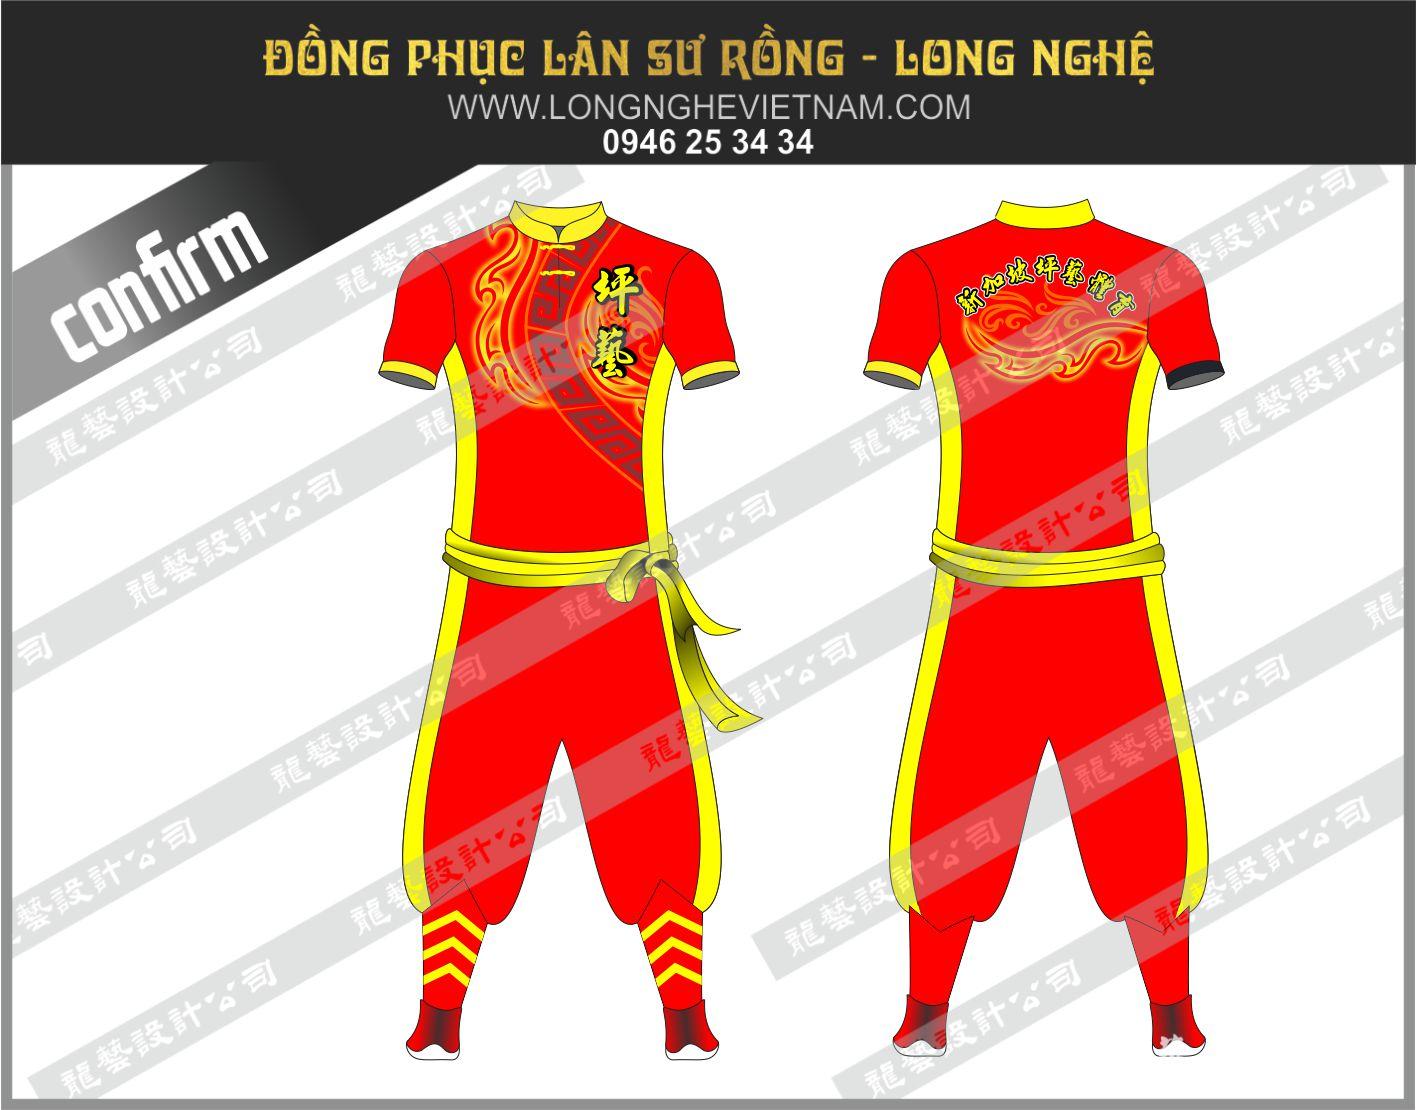 Đồng phục múa lân longnghevietnam